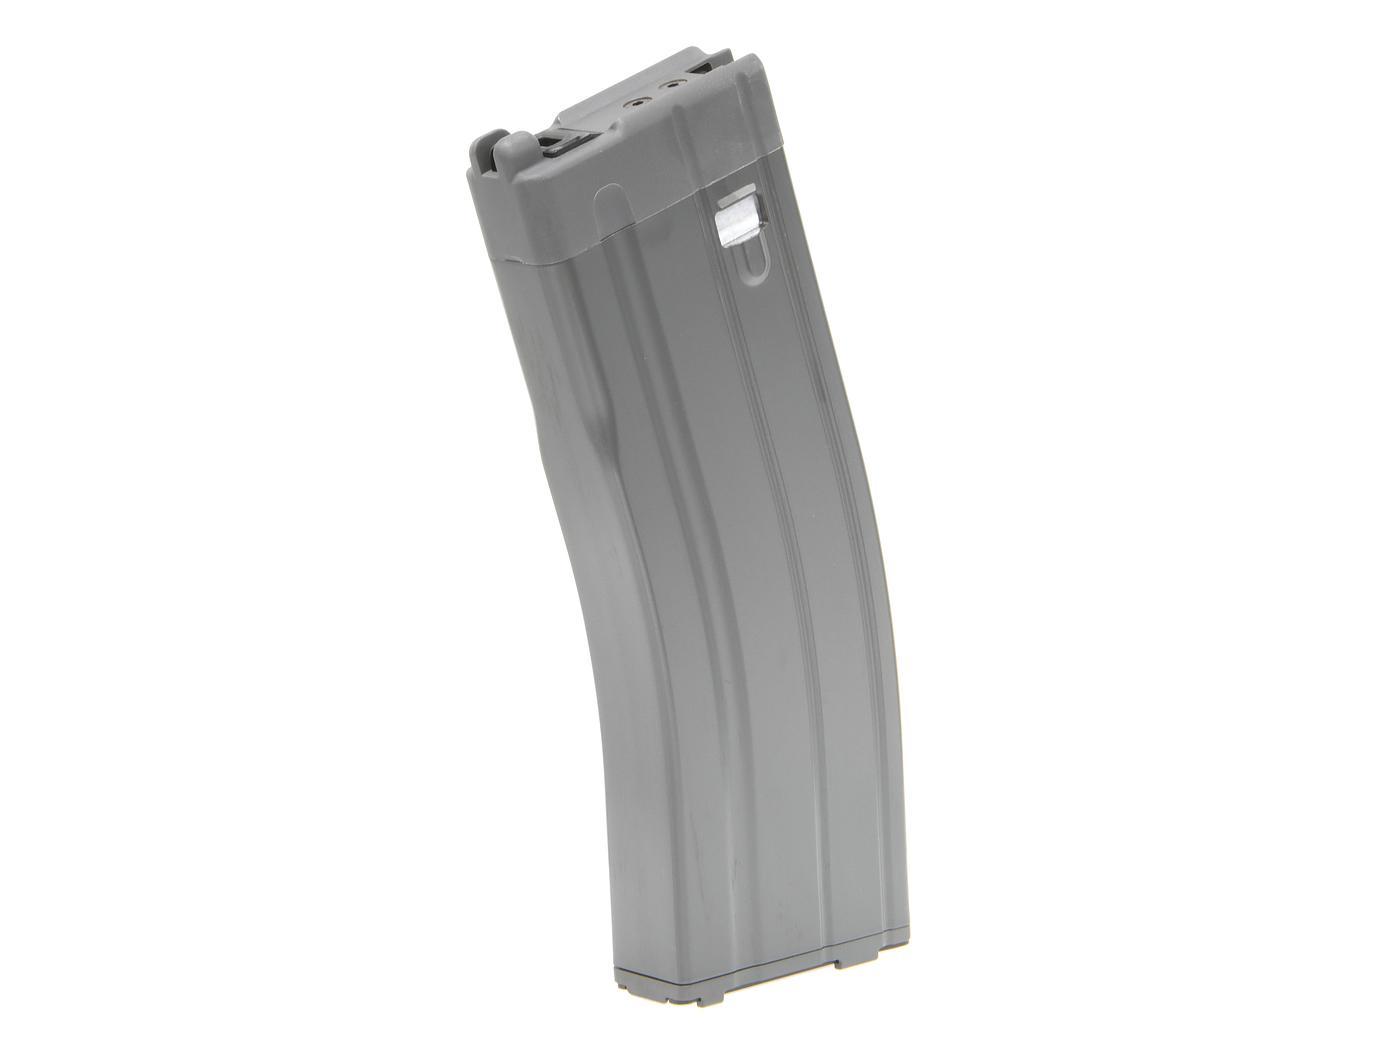 VFC M4/HK416GBBR共通30連スペアマガジン (GI) Gray